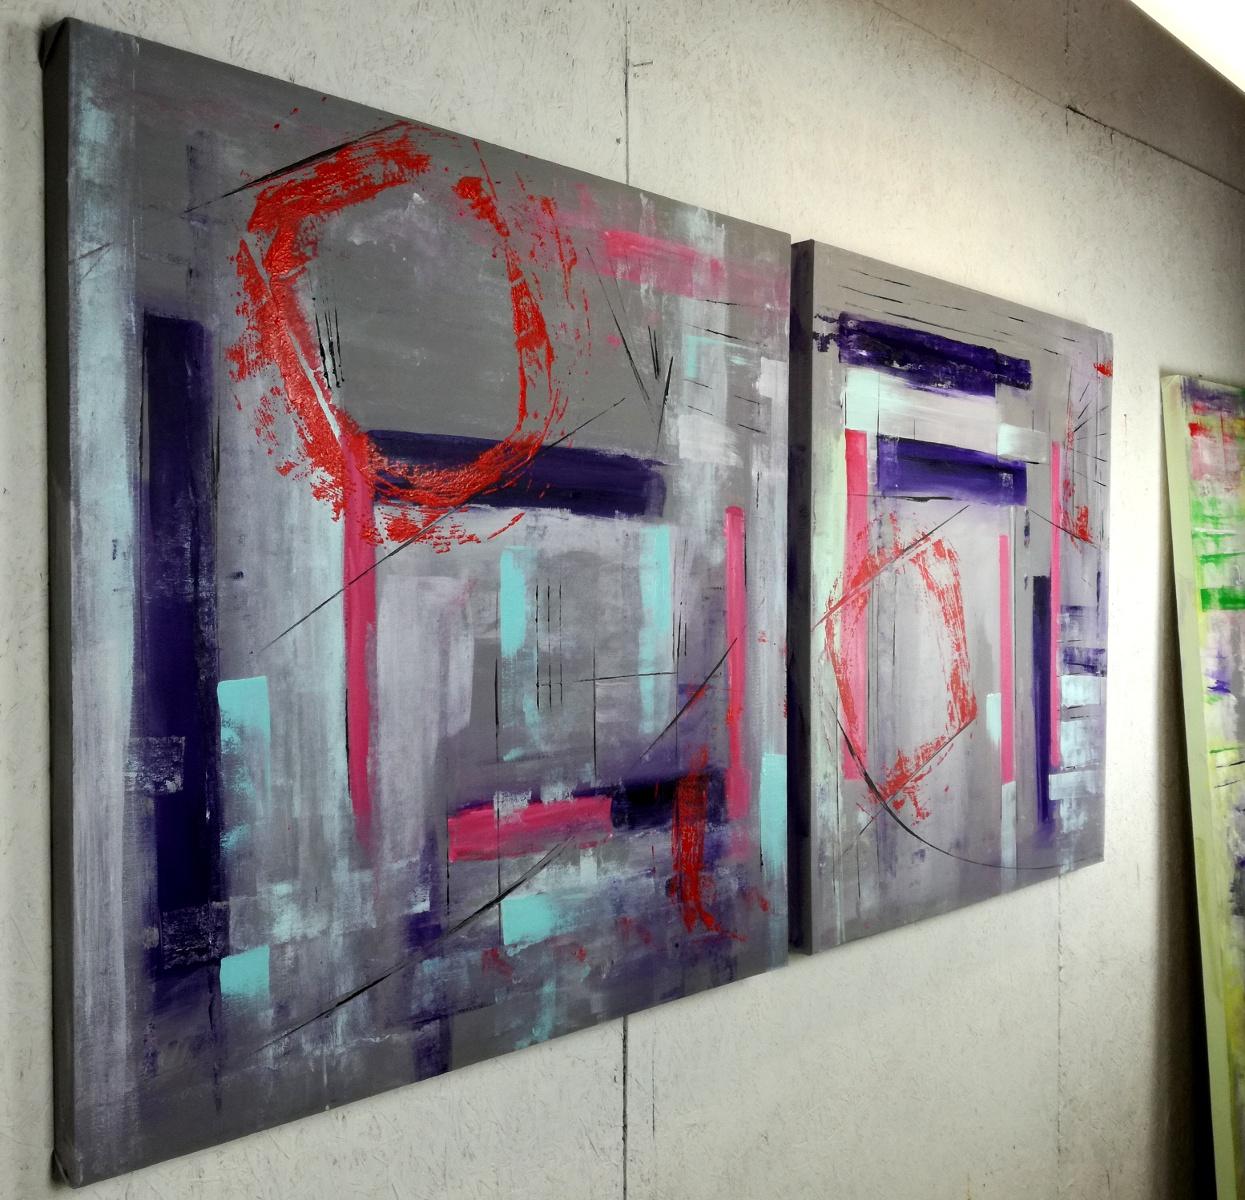 362 quadri astratti due tele.jpg - quadro astratto geometrico due tele 100x100x4 cm